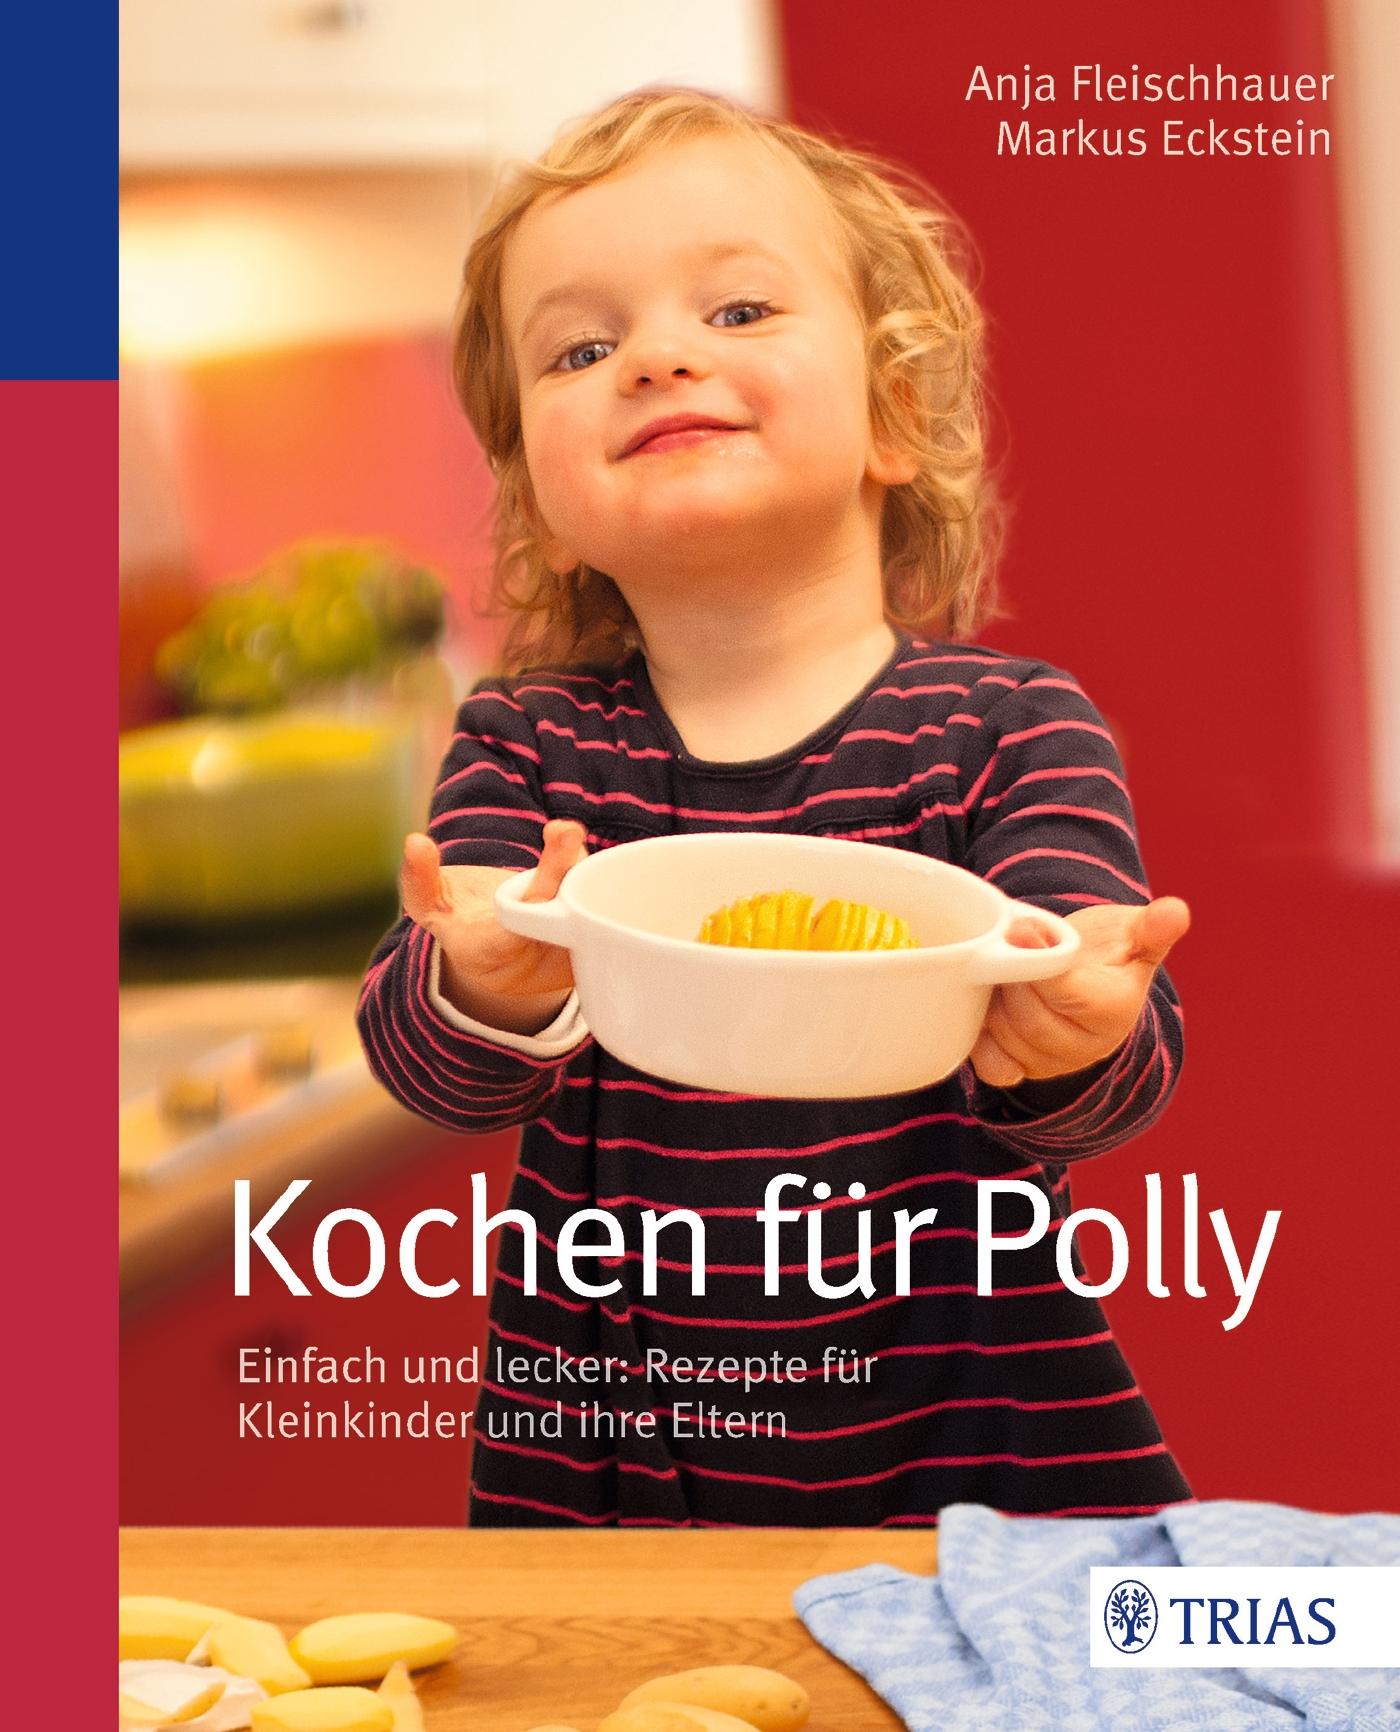 Kochen für Polly: Einfach und lecker: Rezepte für Kleinkinder und ihre Eltern - Anja Fleischhauer, Markus Eckstein